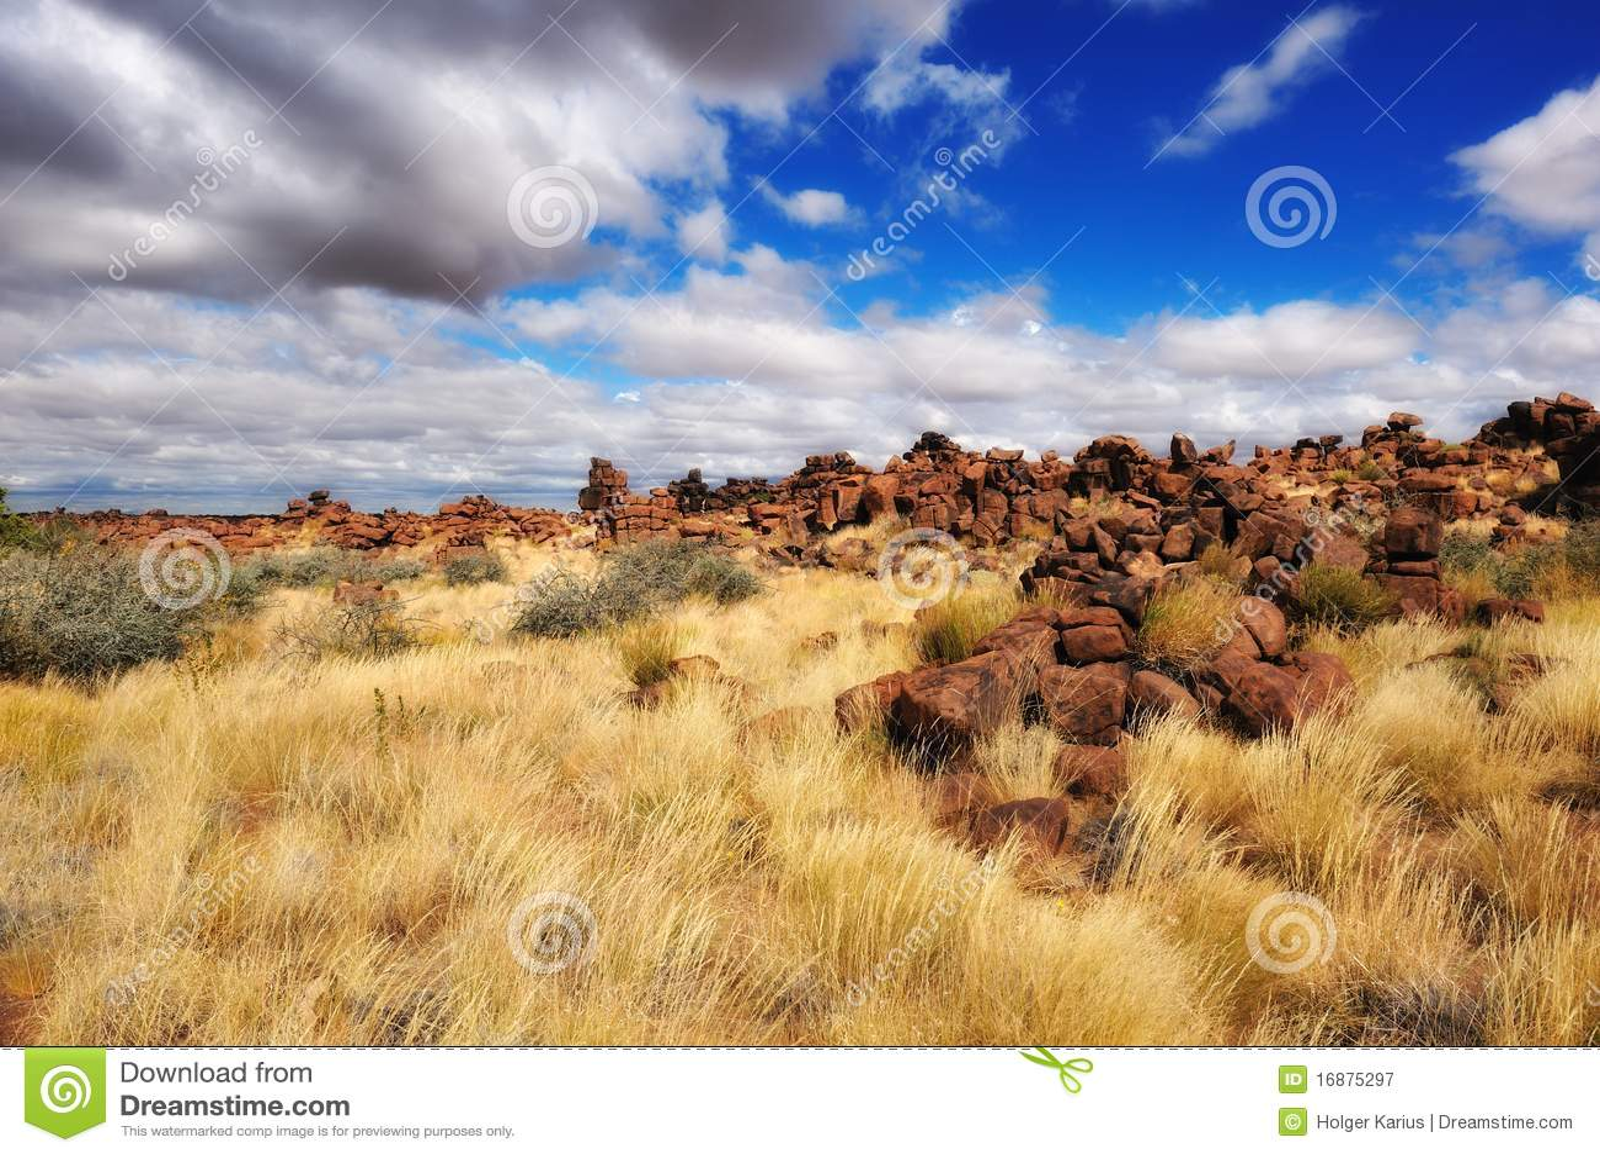 De Speelplaats van reuzen (Namibië)